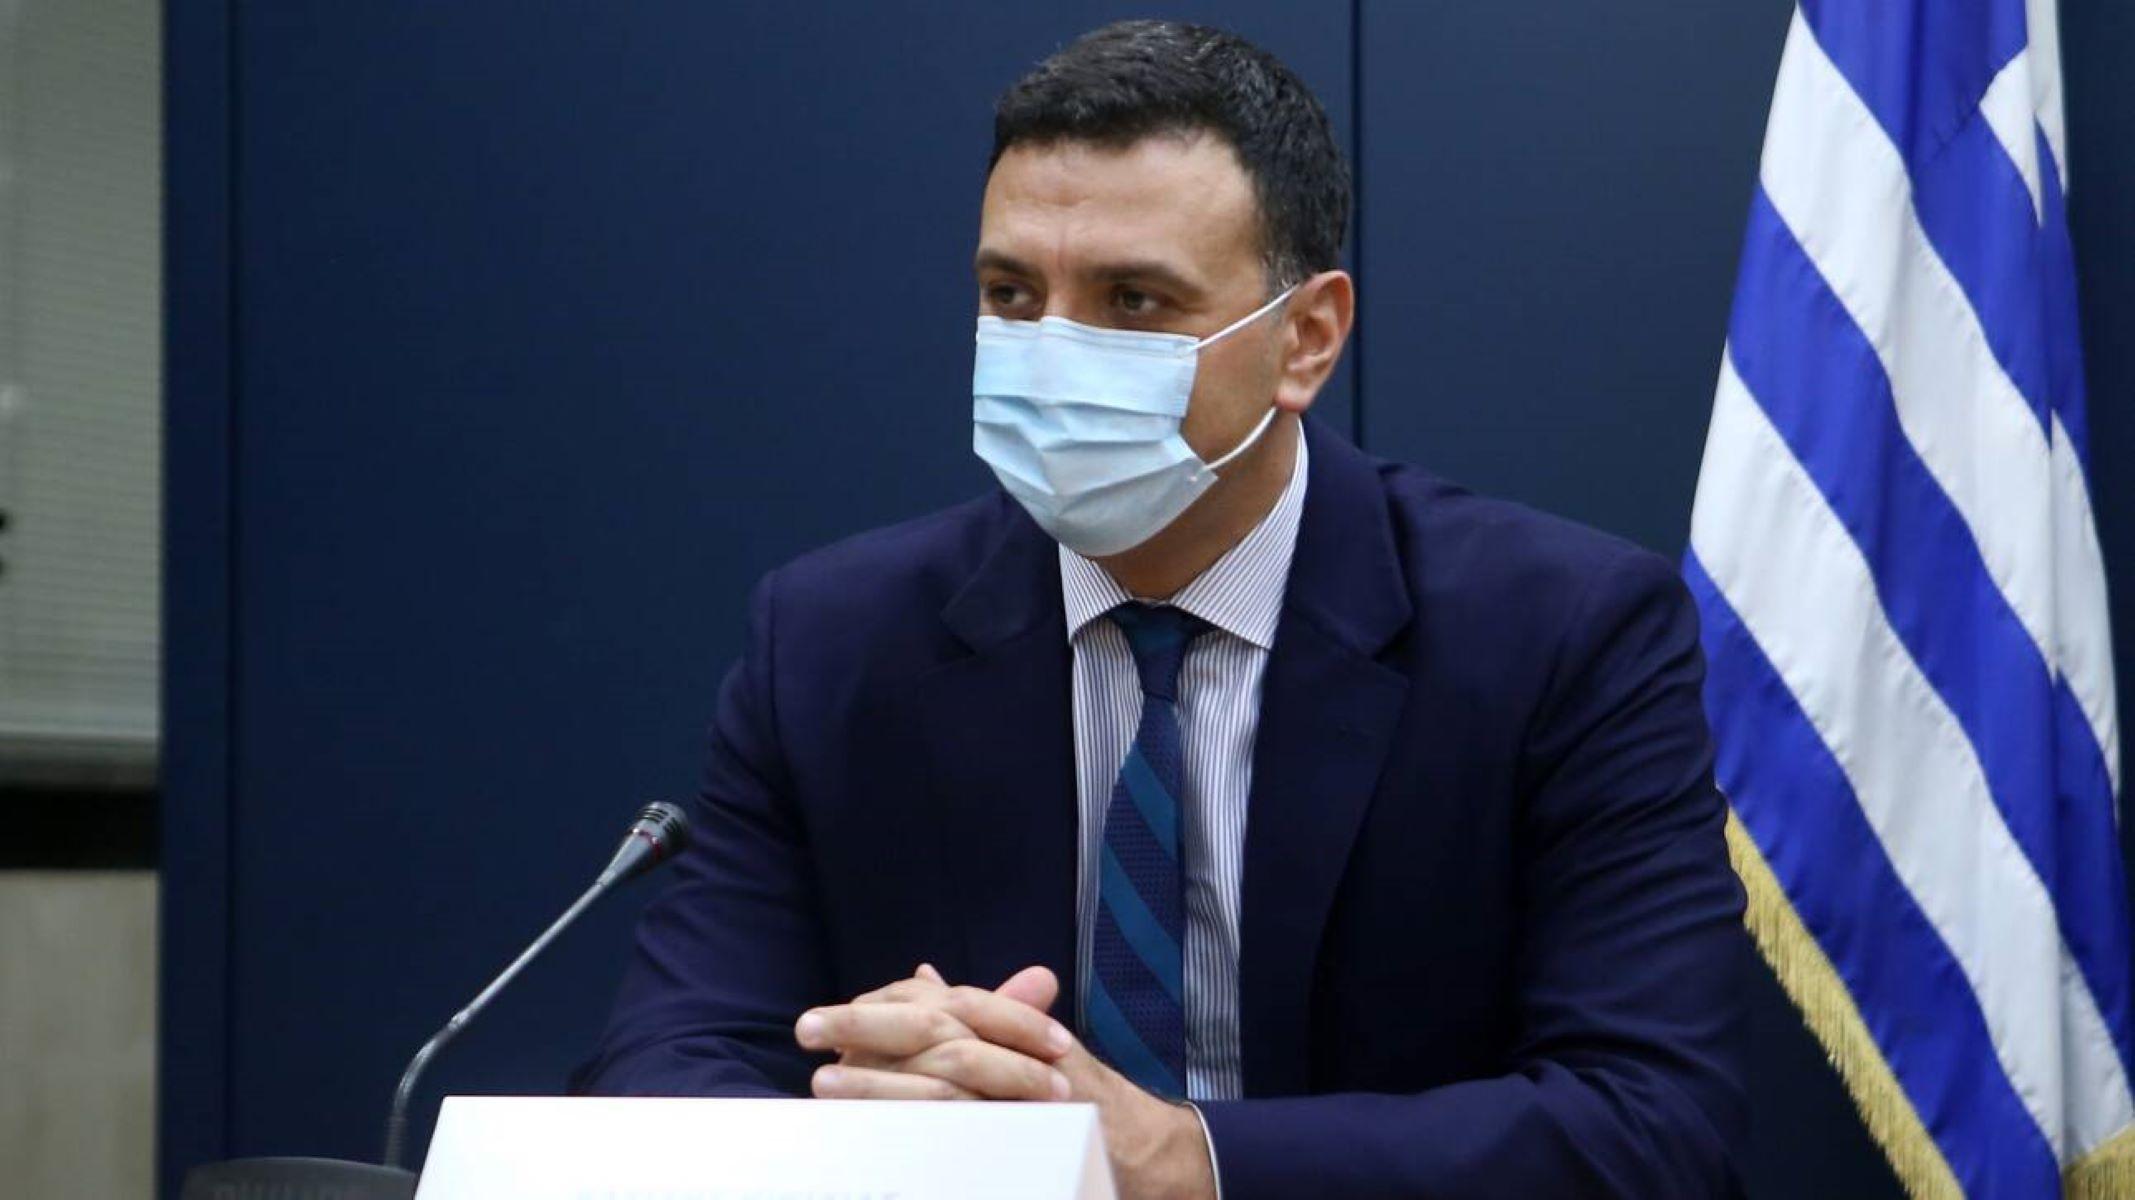 Κικίλιας πανδημία :Το ΕΣΥ αντέχει.Η Ελλάδα δεν θα σωθεί με λόγια, αλλά με πράξεις